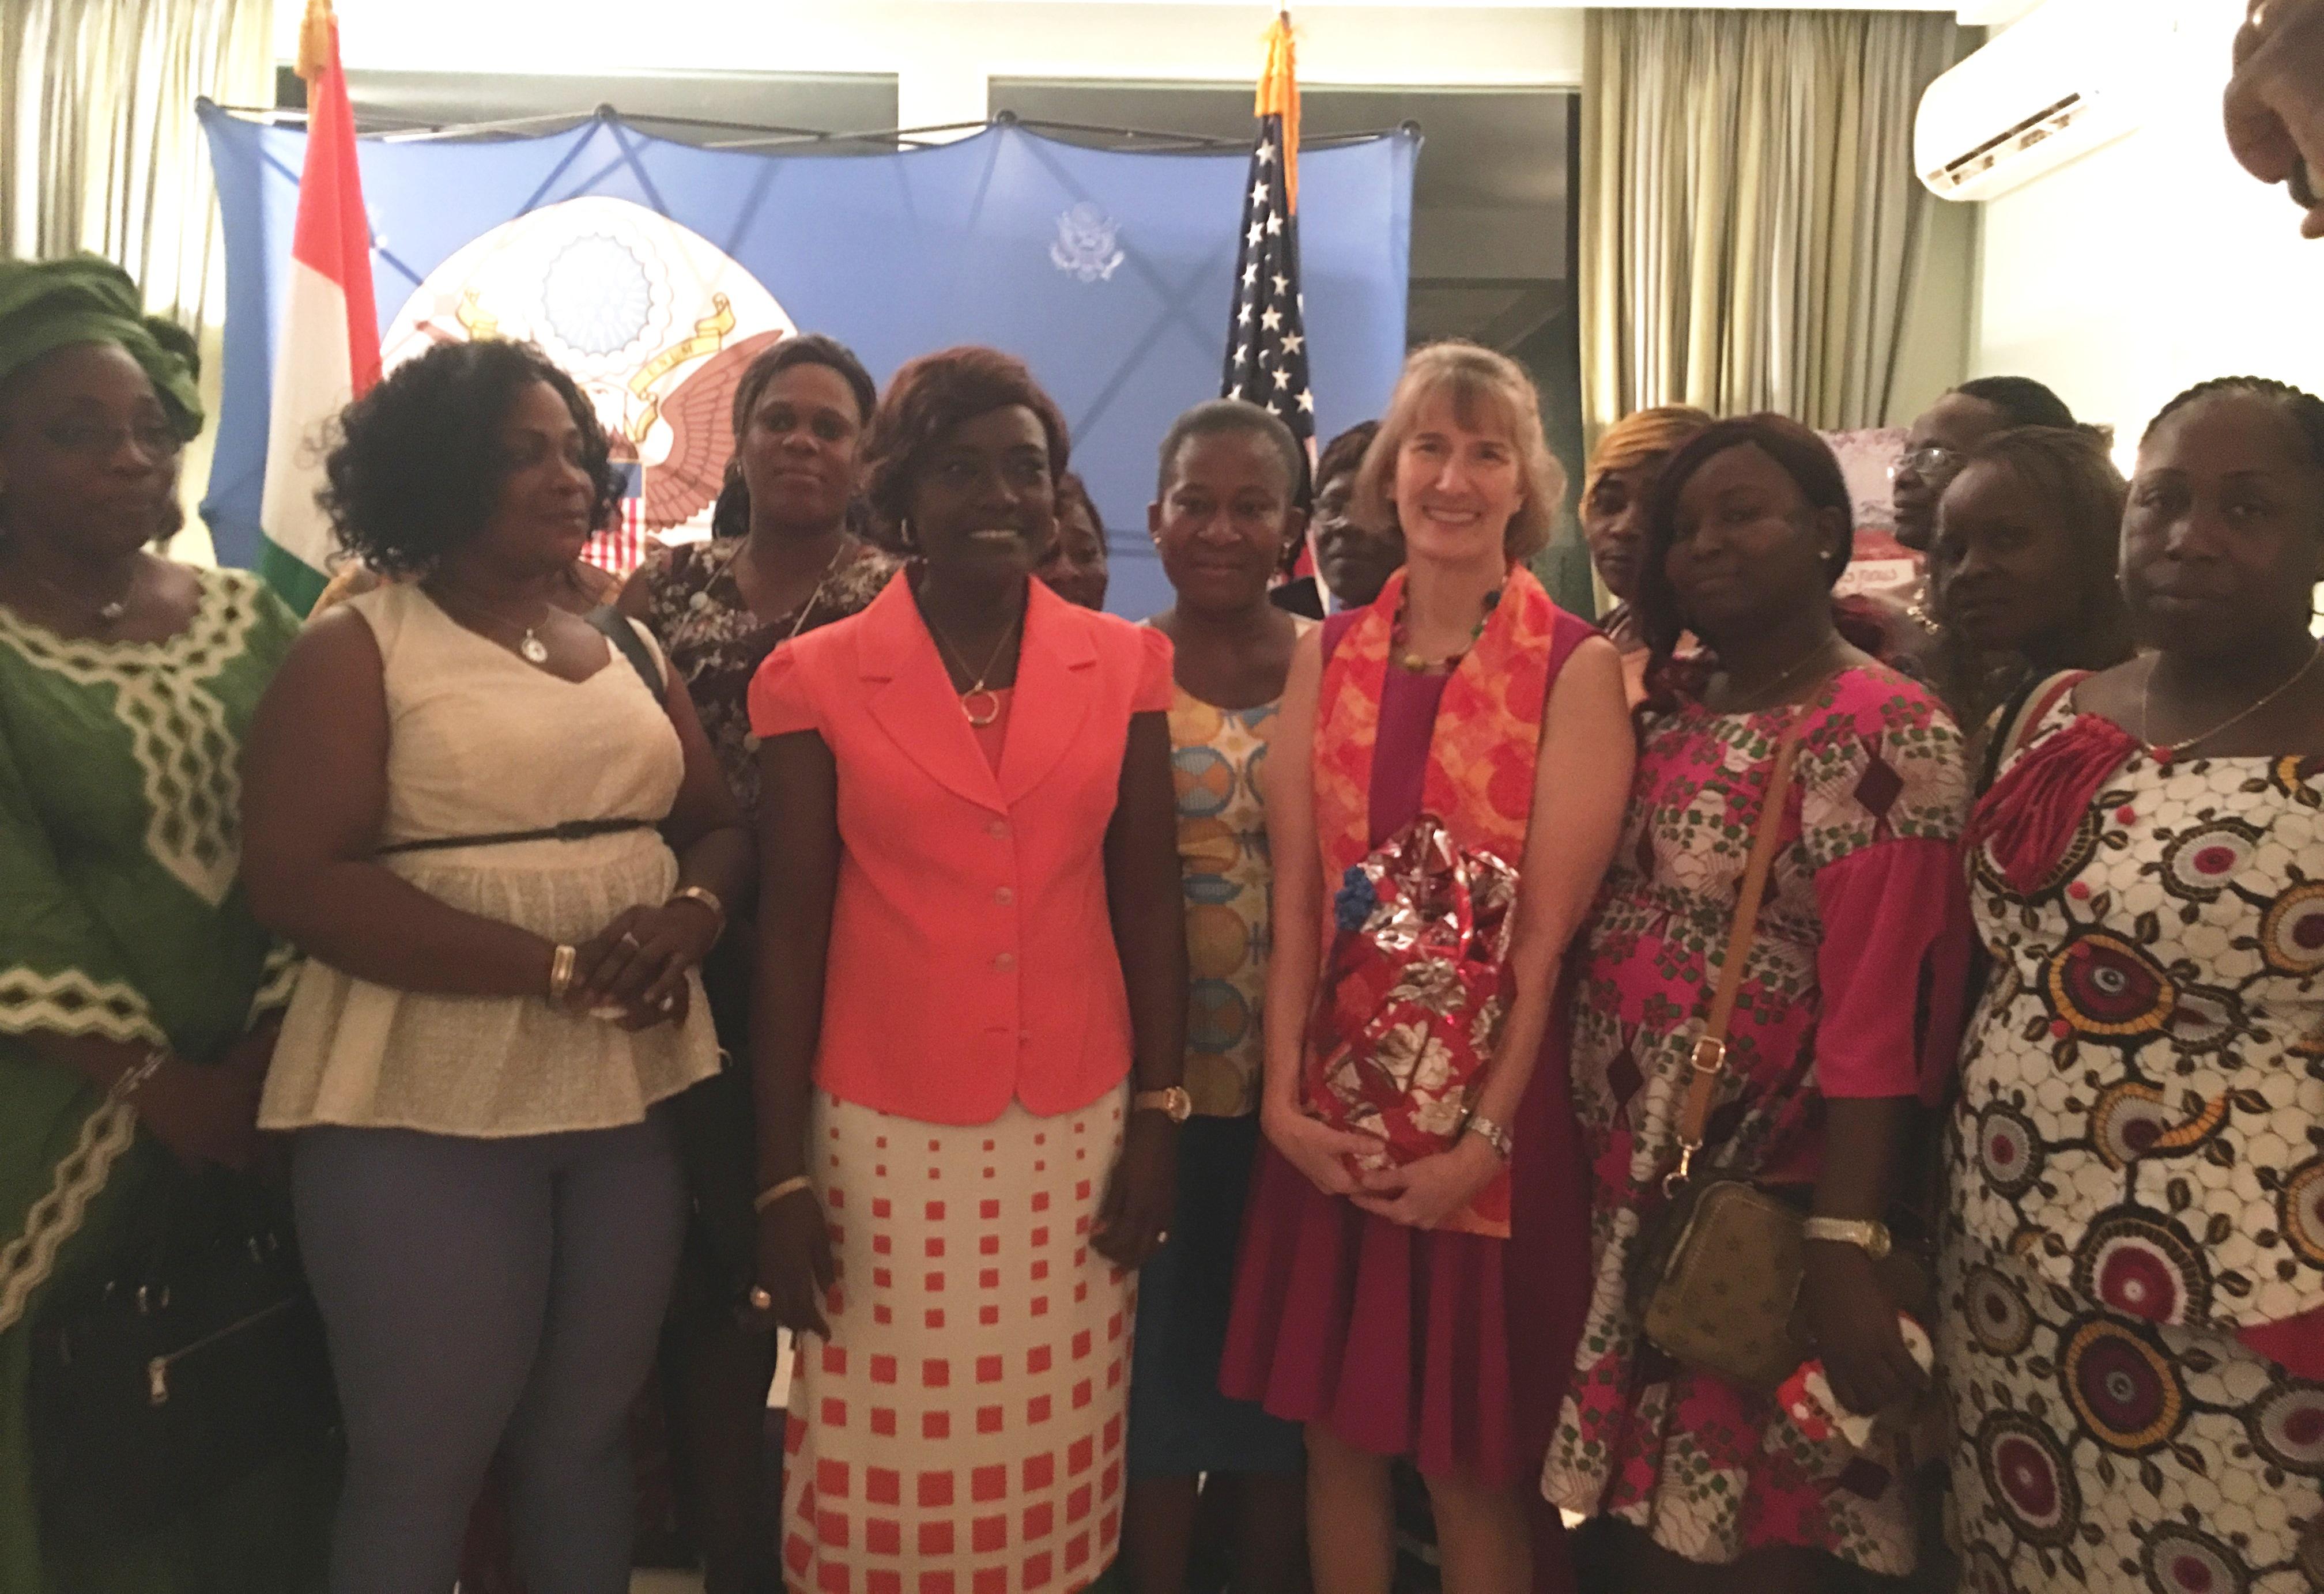 Appui des Etats-Unis au Projet d'Appui au Renforcement de la Réponse aux Violences Sexuelles Basées sur le Genre (VSBG) en Côte d'Ivoire